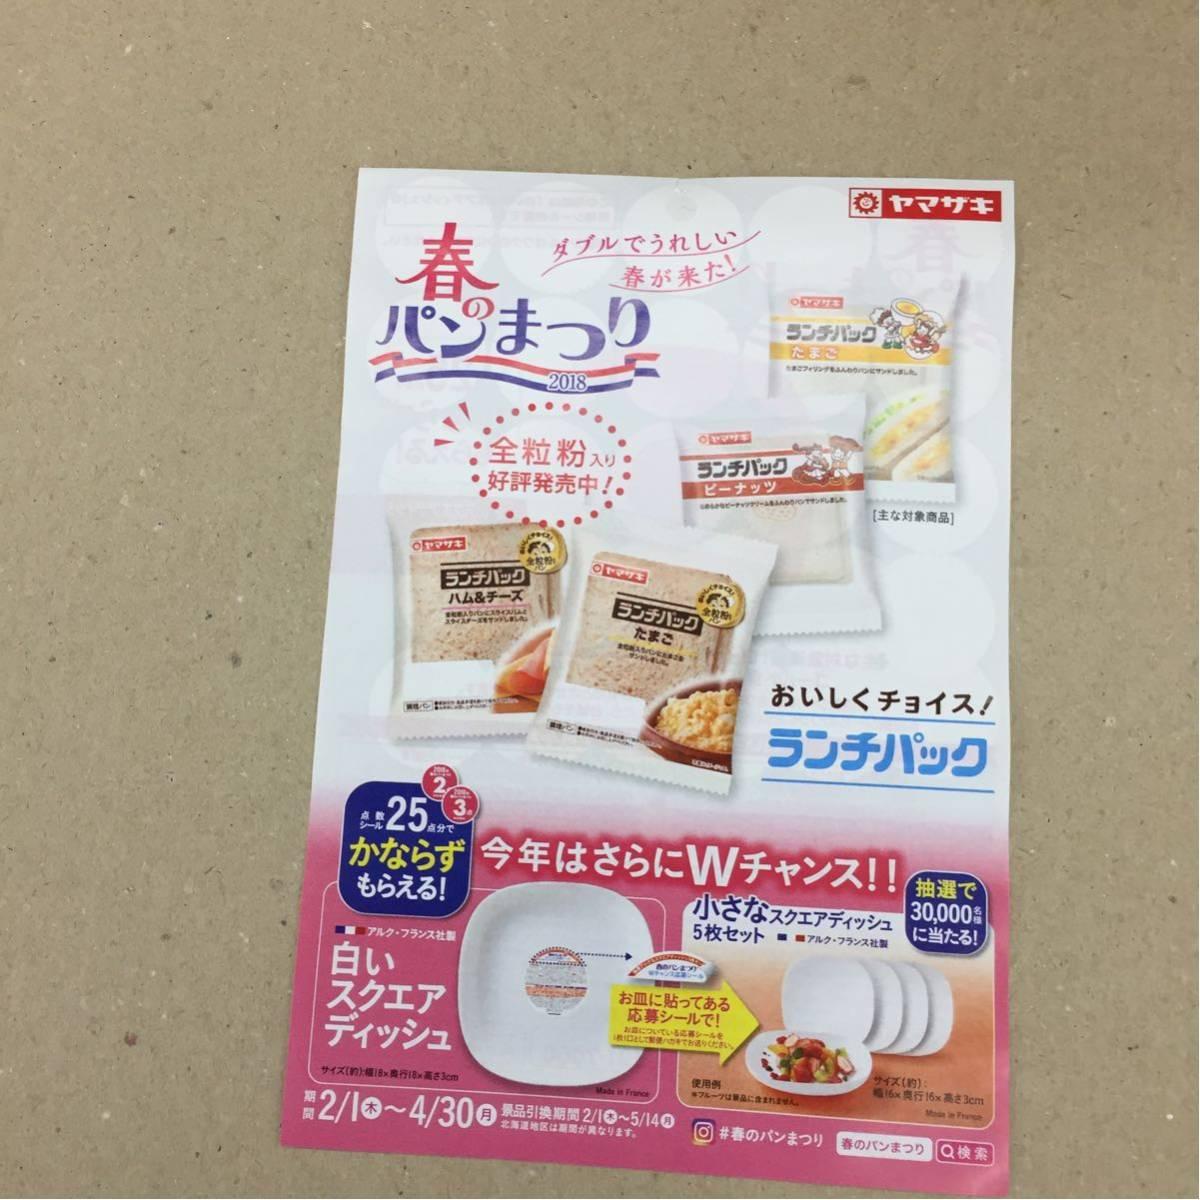 ヤマザキ春のパン祭り2018 応募シール50枚 お皿2枚分_画像2